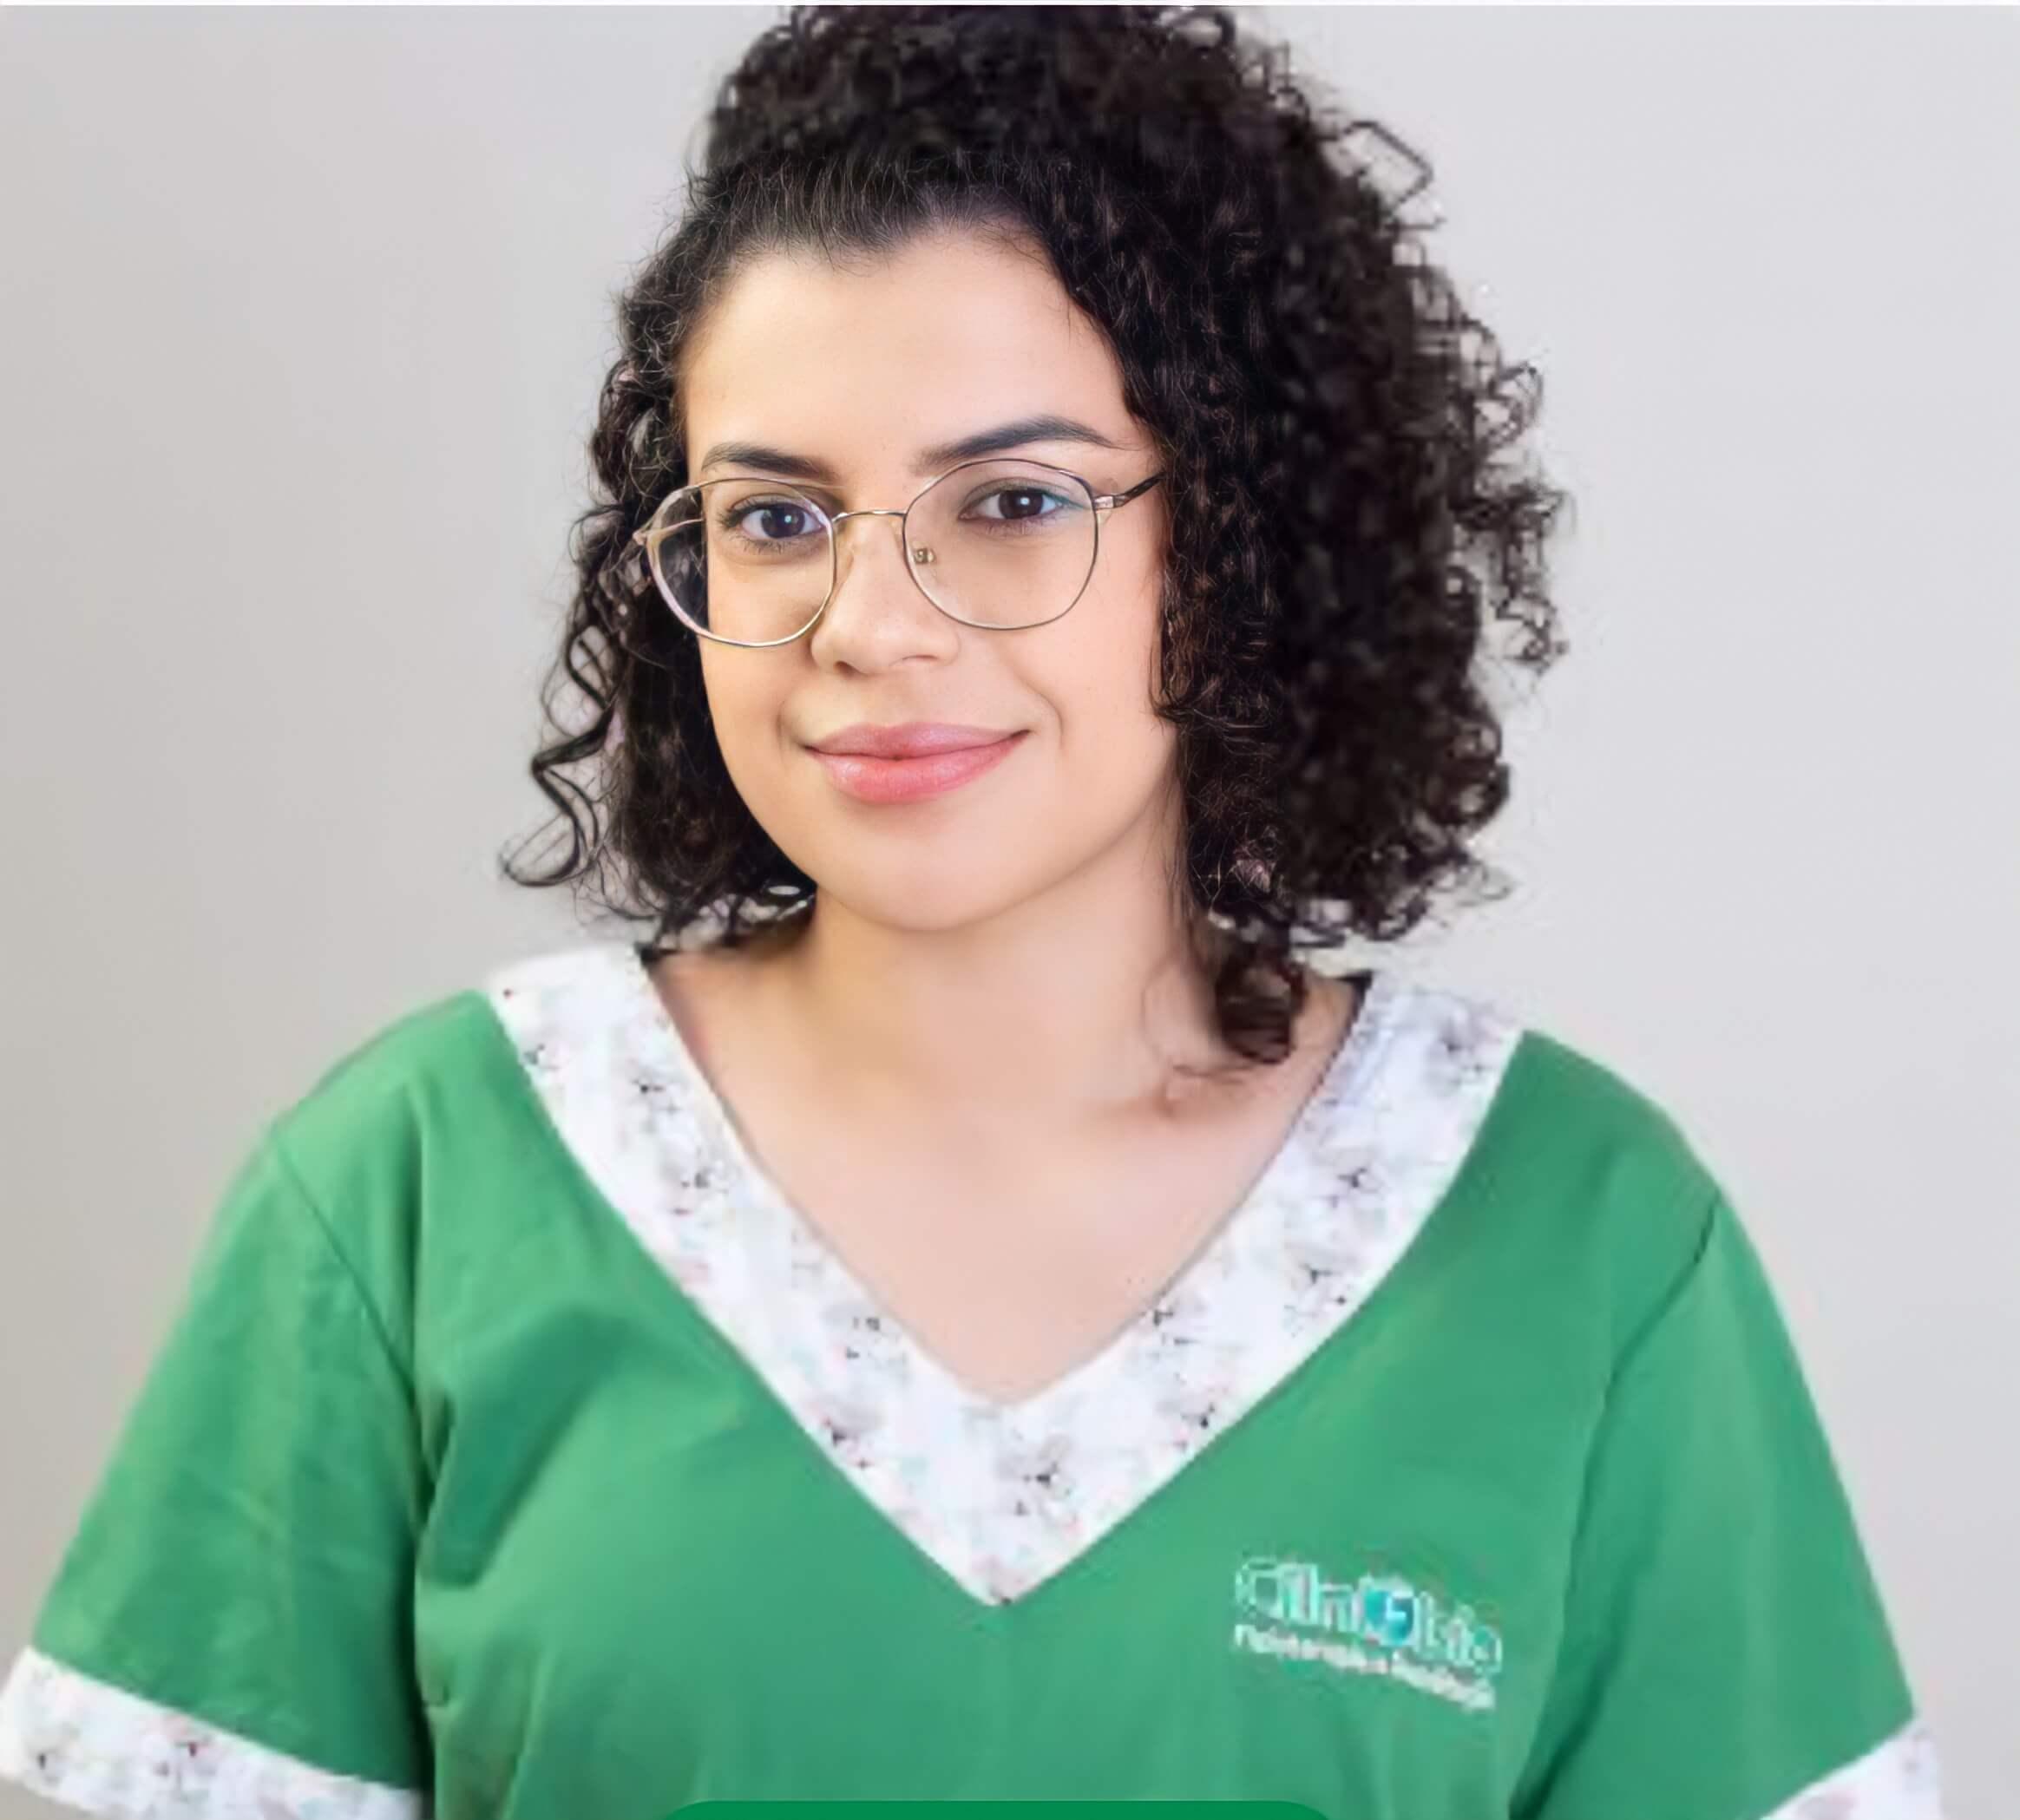 Dra. Ana Carolina Coculo da Costa